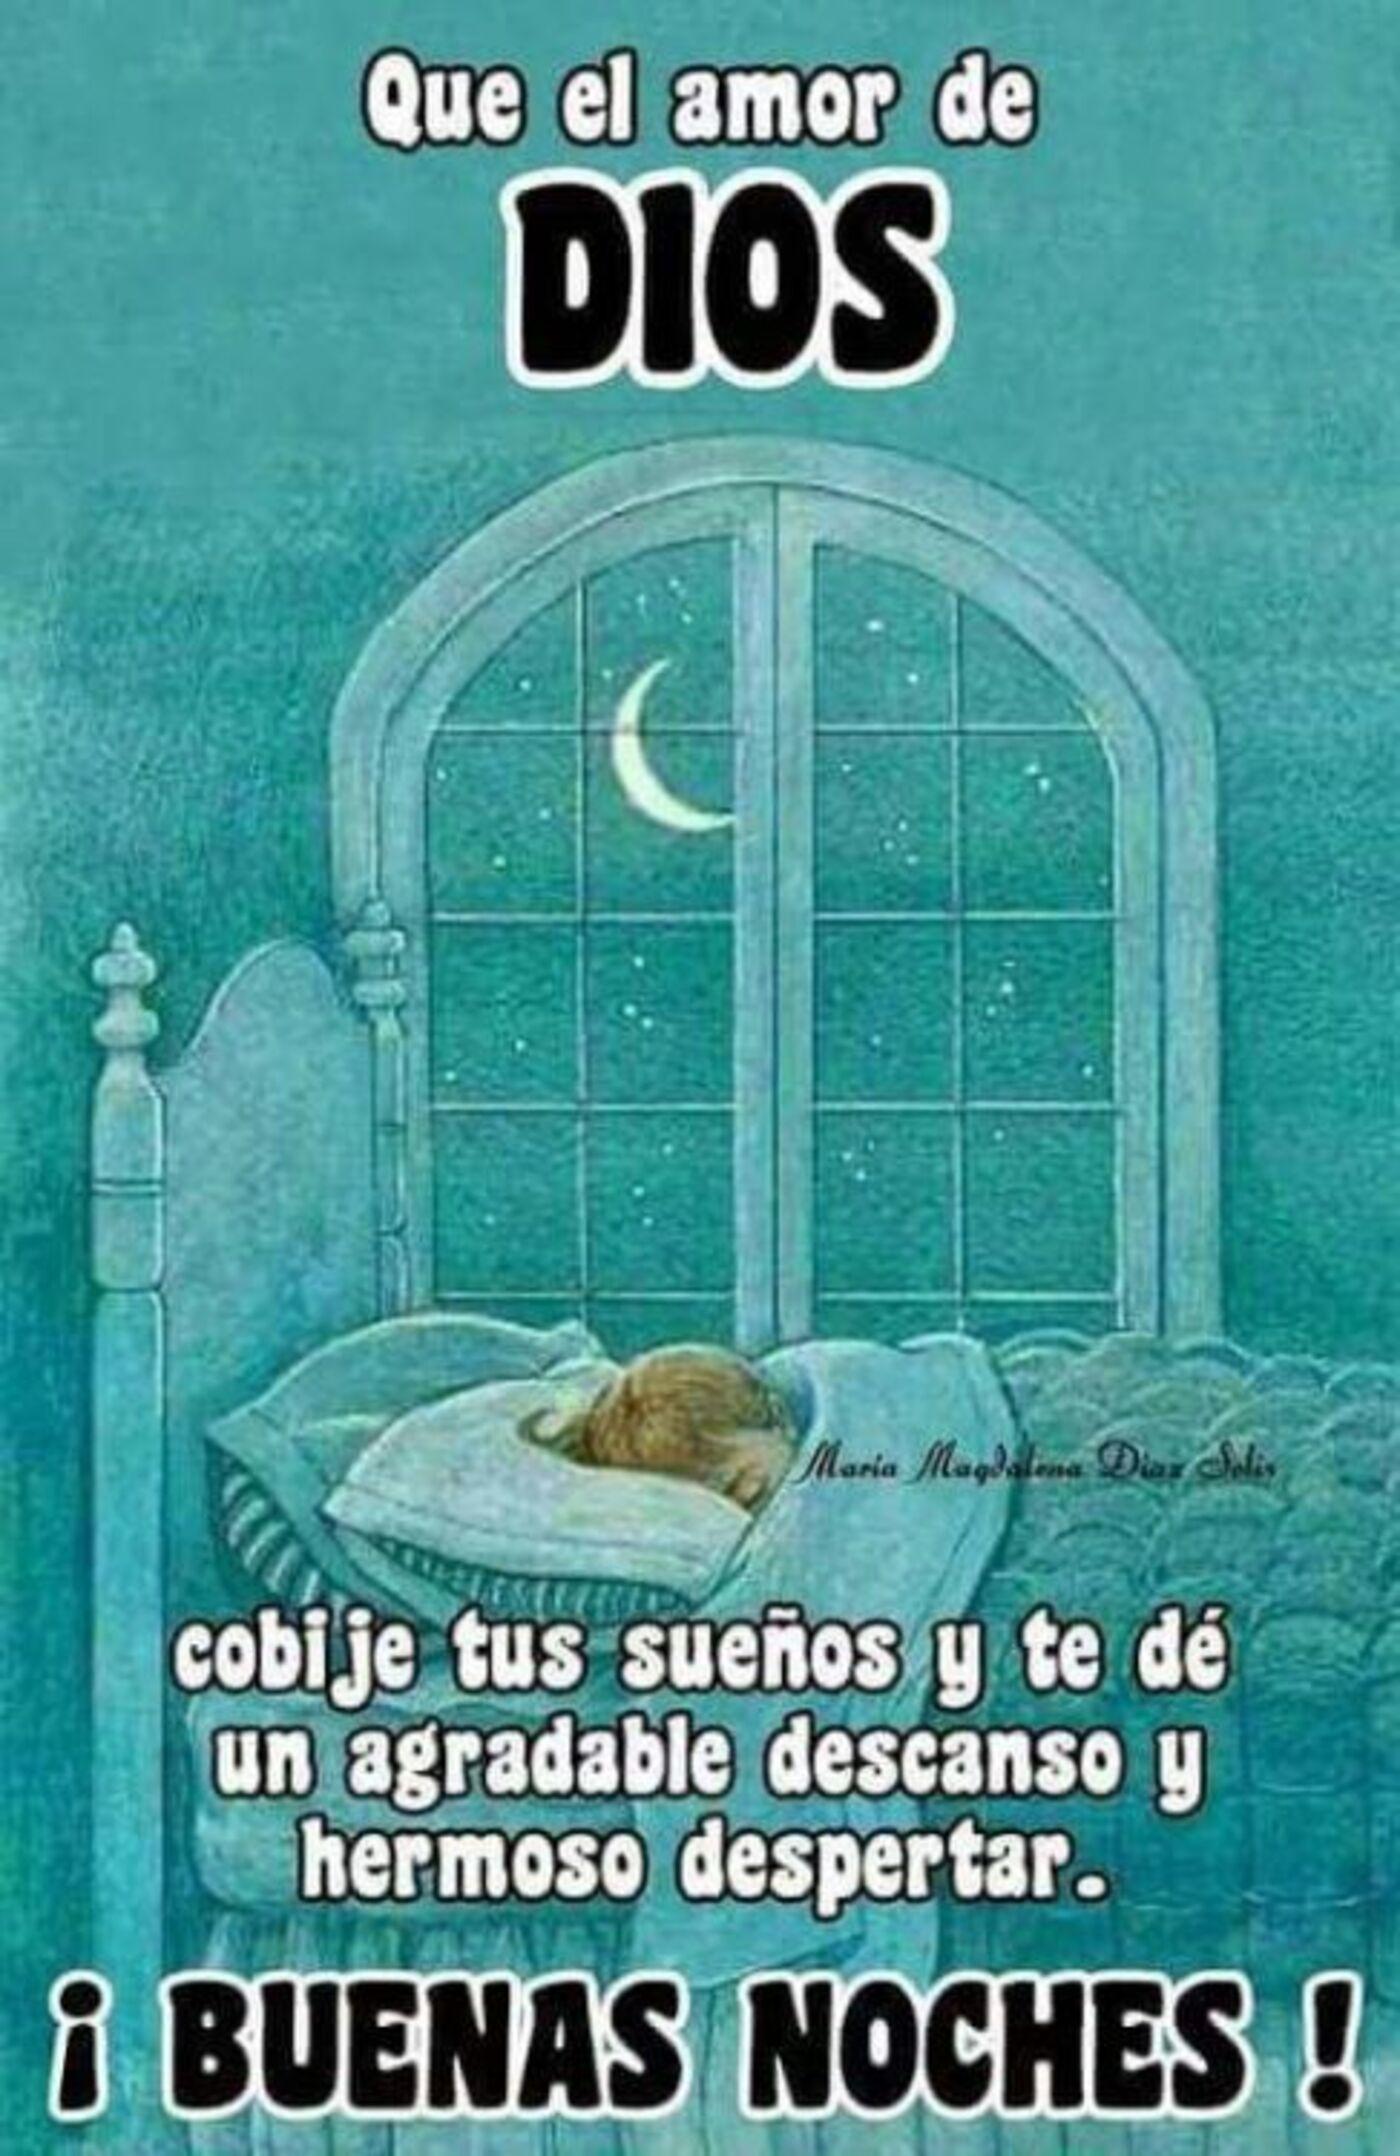 Que el amor de Dios cobije tus sueños y te dé un agradable descanso y hermoso despertar. Buenas Noches!